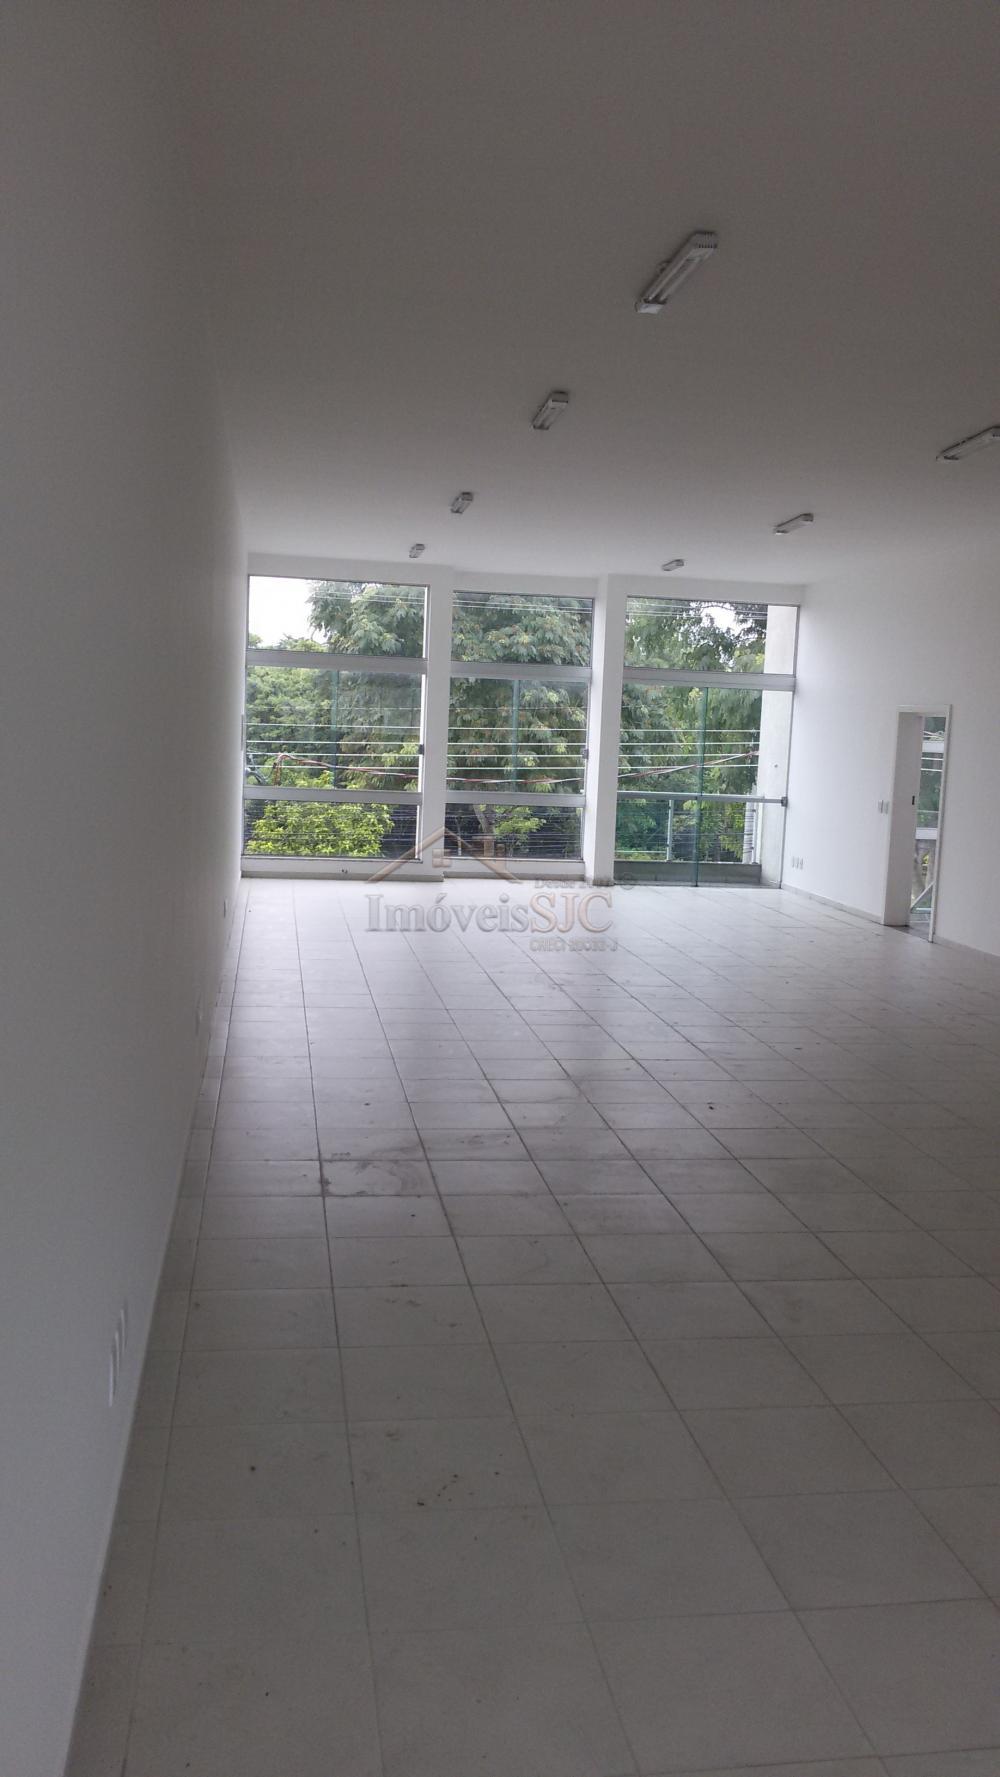 Alugar Comerciais / Prédio Comercial em São José dos Campos apenas R$ 18.000,00 - Foto 14